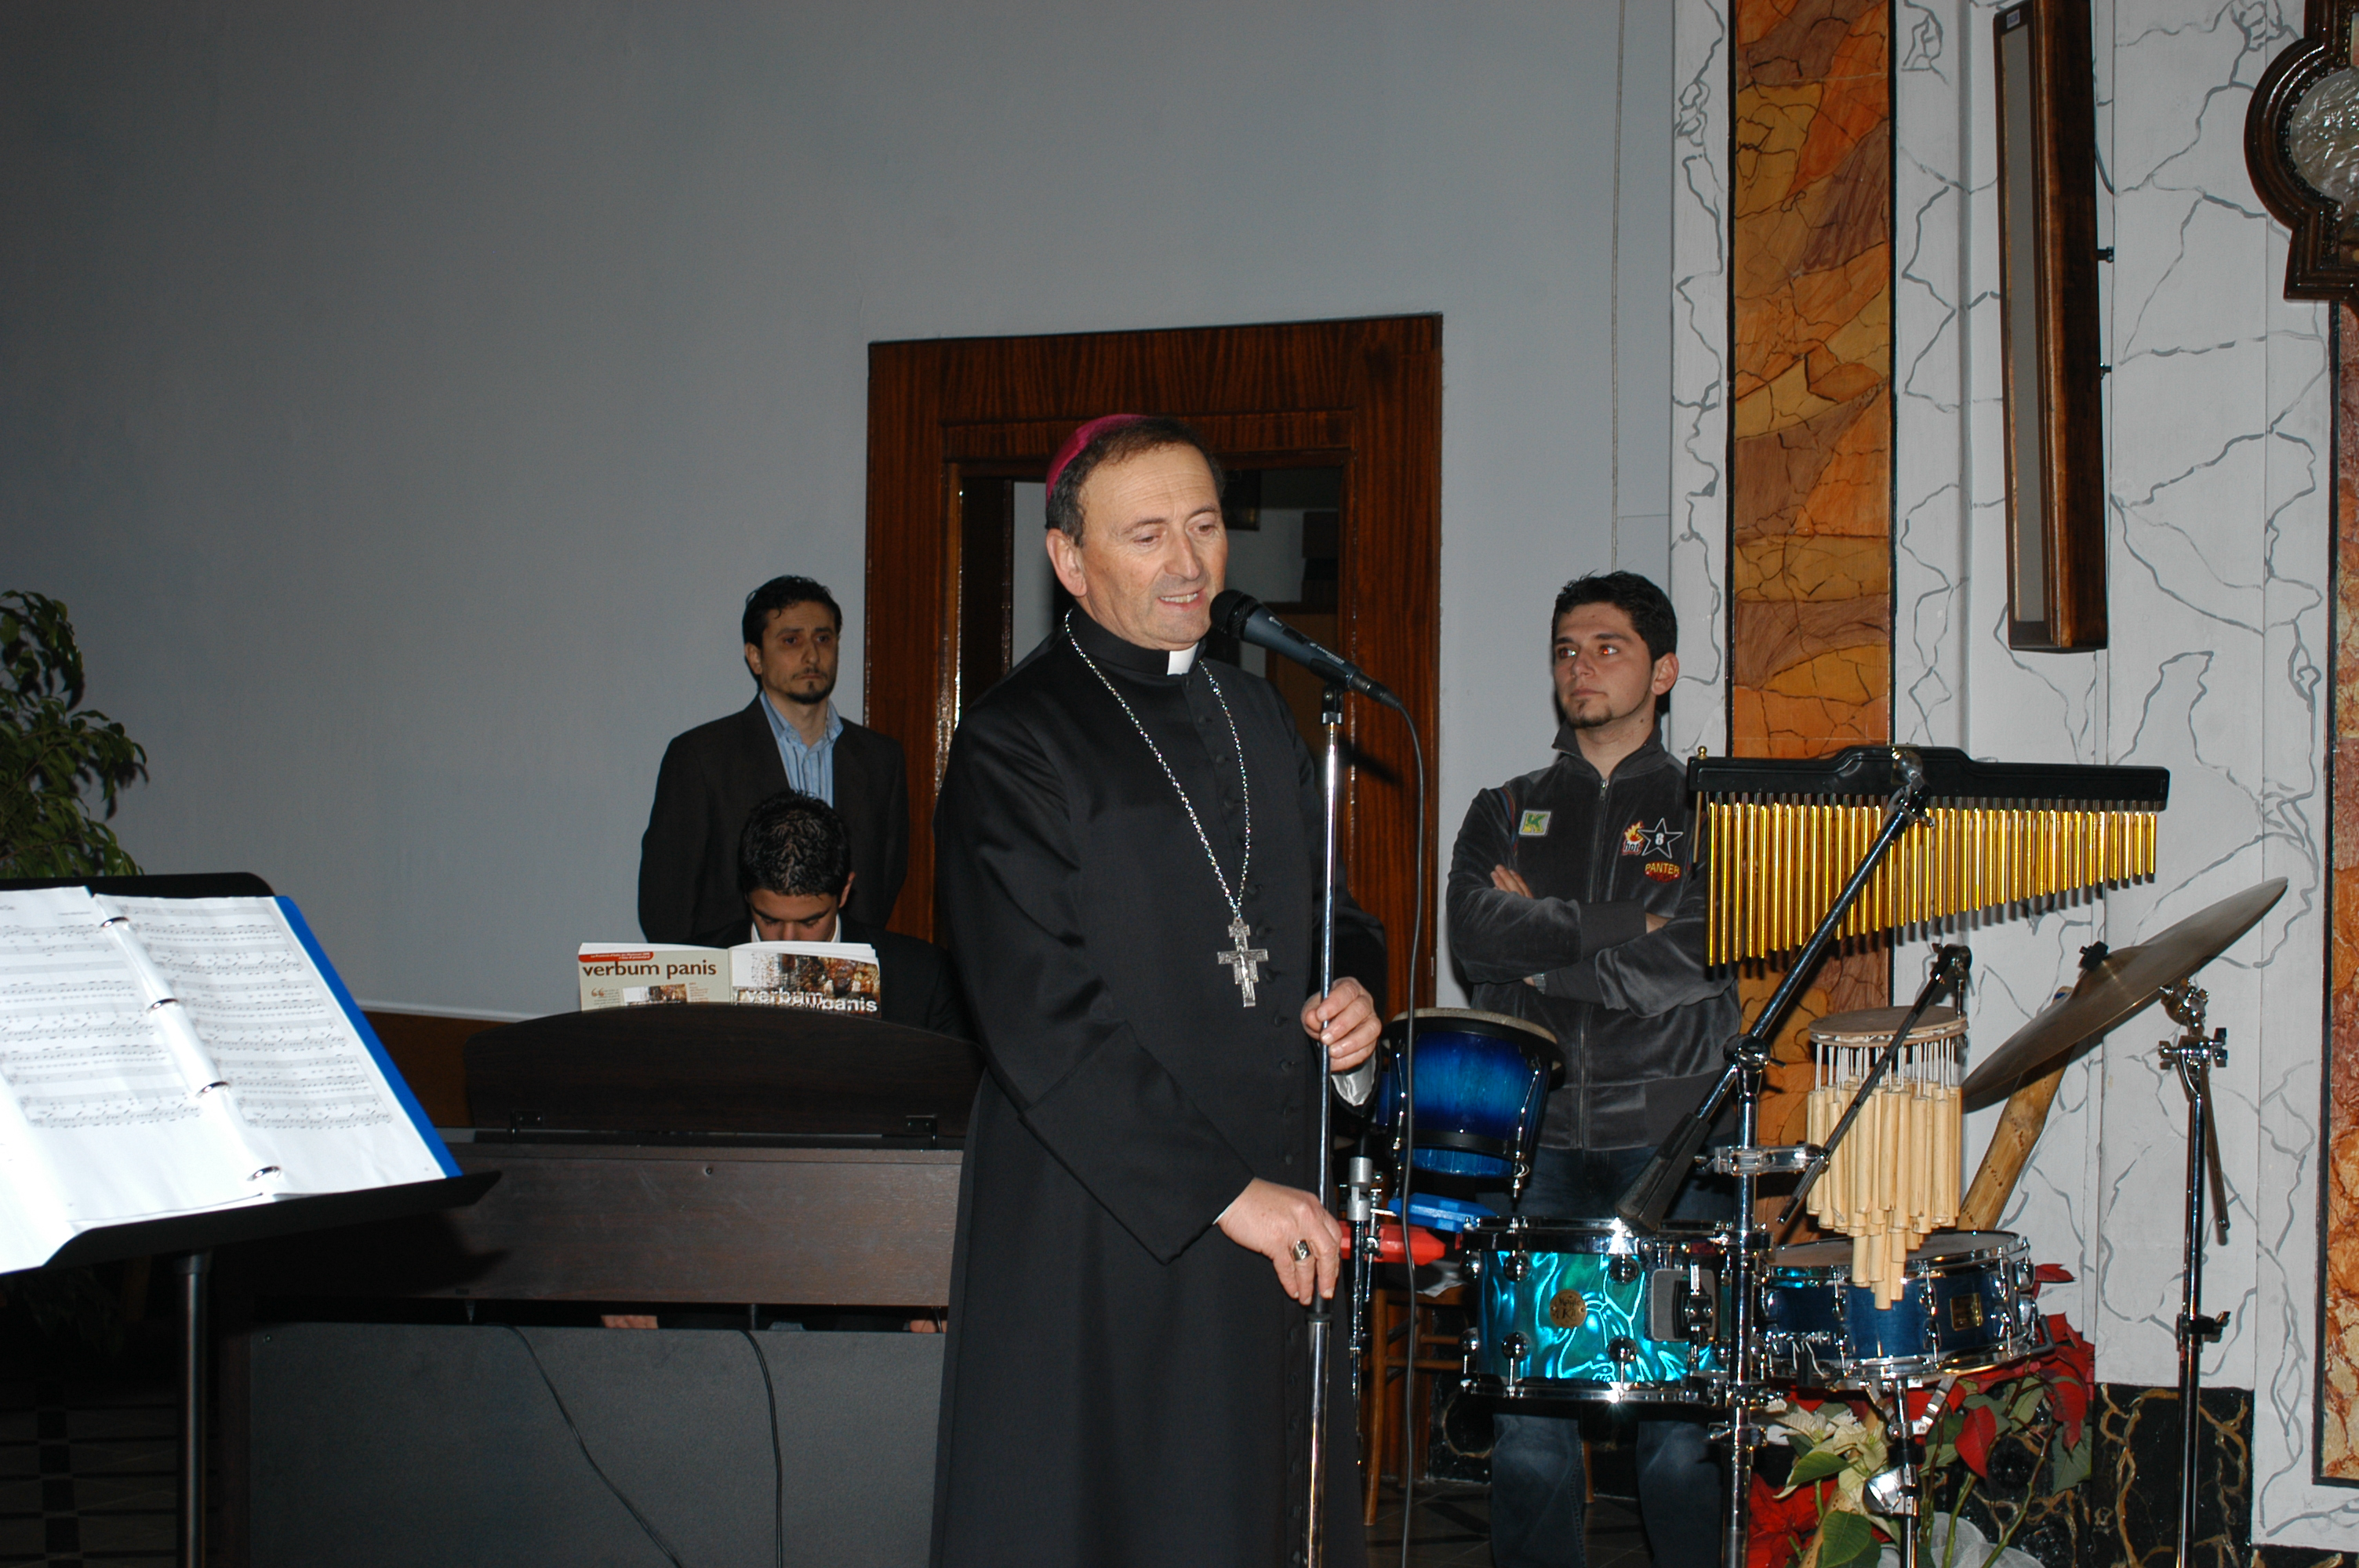 Il saluto finale di Mons. Ccucci, nostro Vescovo.